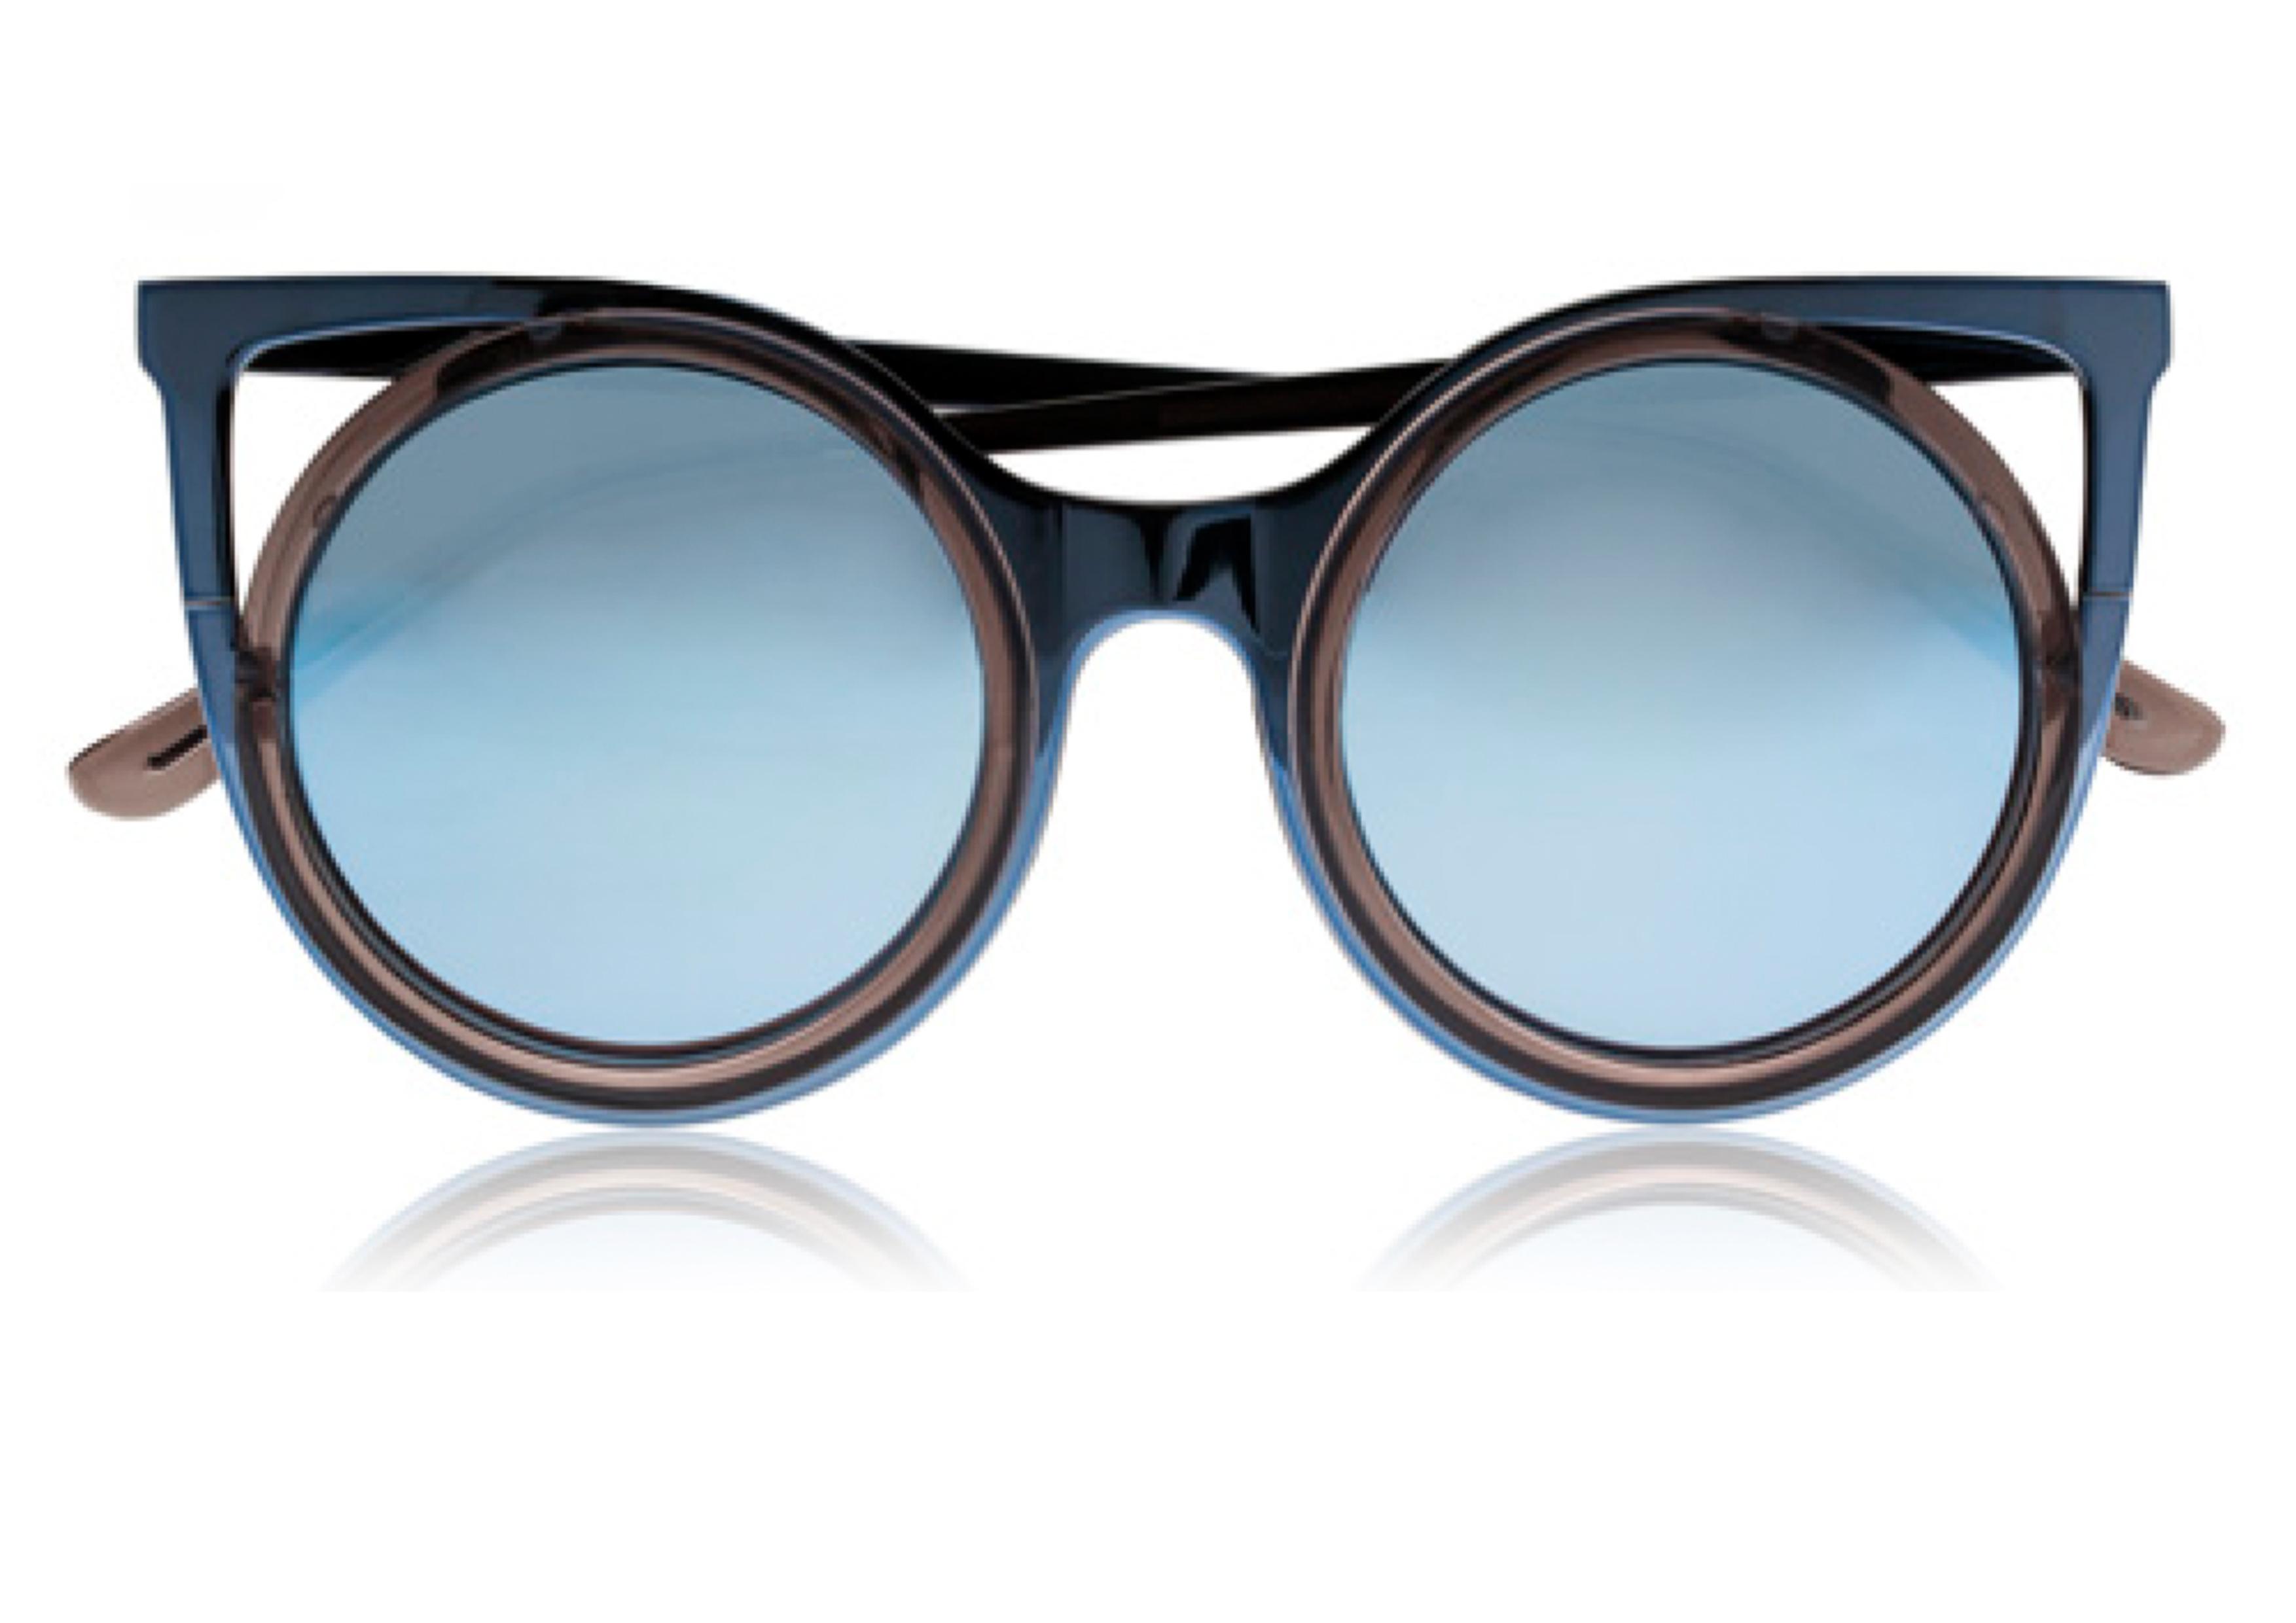 813eaa22184ce Lunettes de soleil miroir bleu clair Seafolly - 20 lunettes de soleil  miroir pour passer un été stylé - Elle